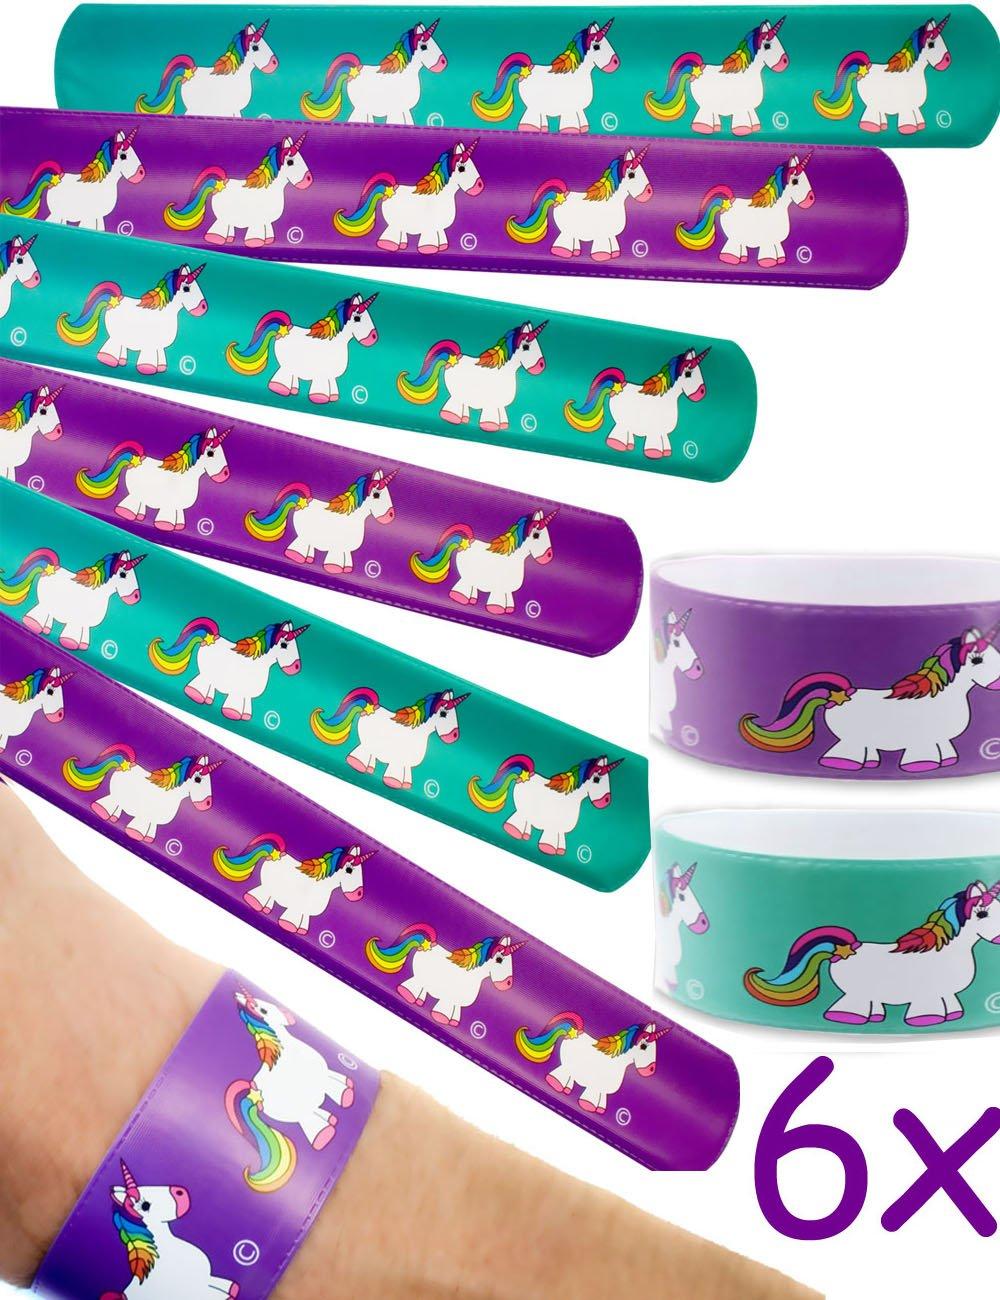 HOMETOOLS.EU - 6er Set Einhorn Armbänder | Schnapparmbänder für Party Kindergeburtstag | 6er Set HT-FN-SAB6